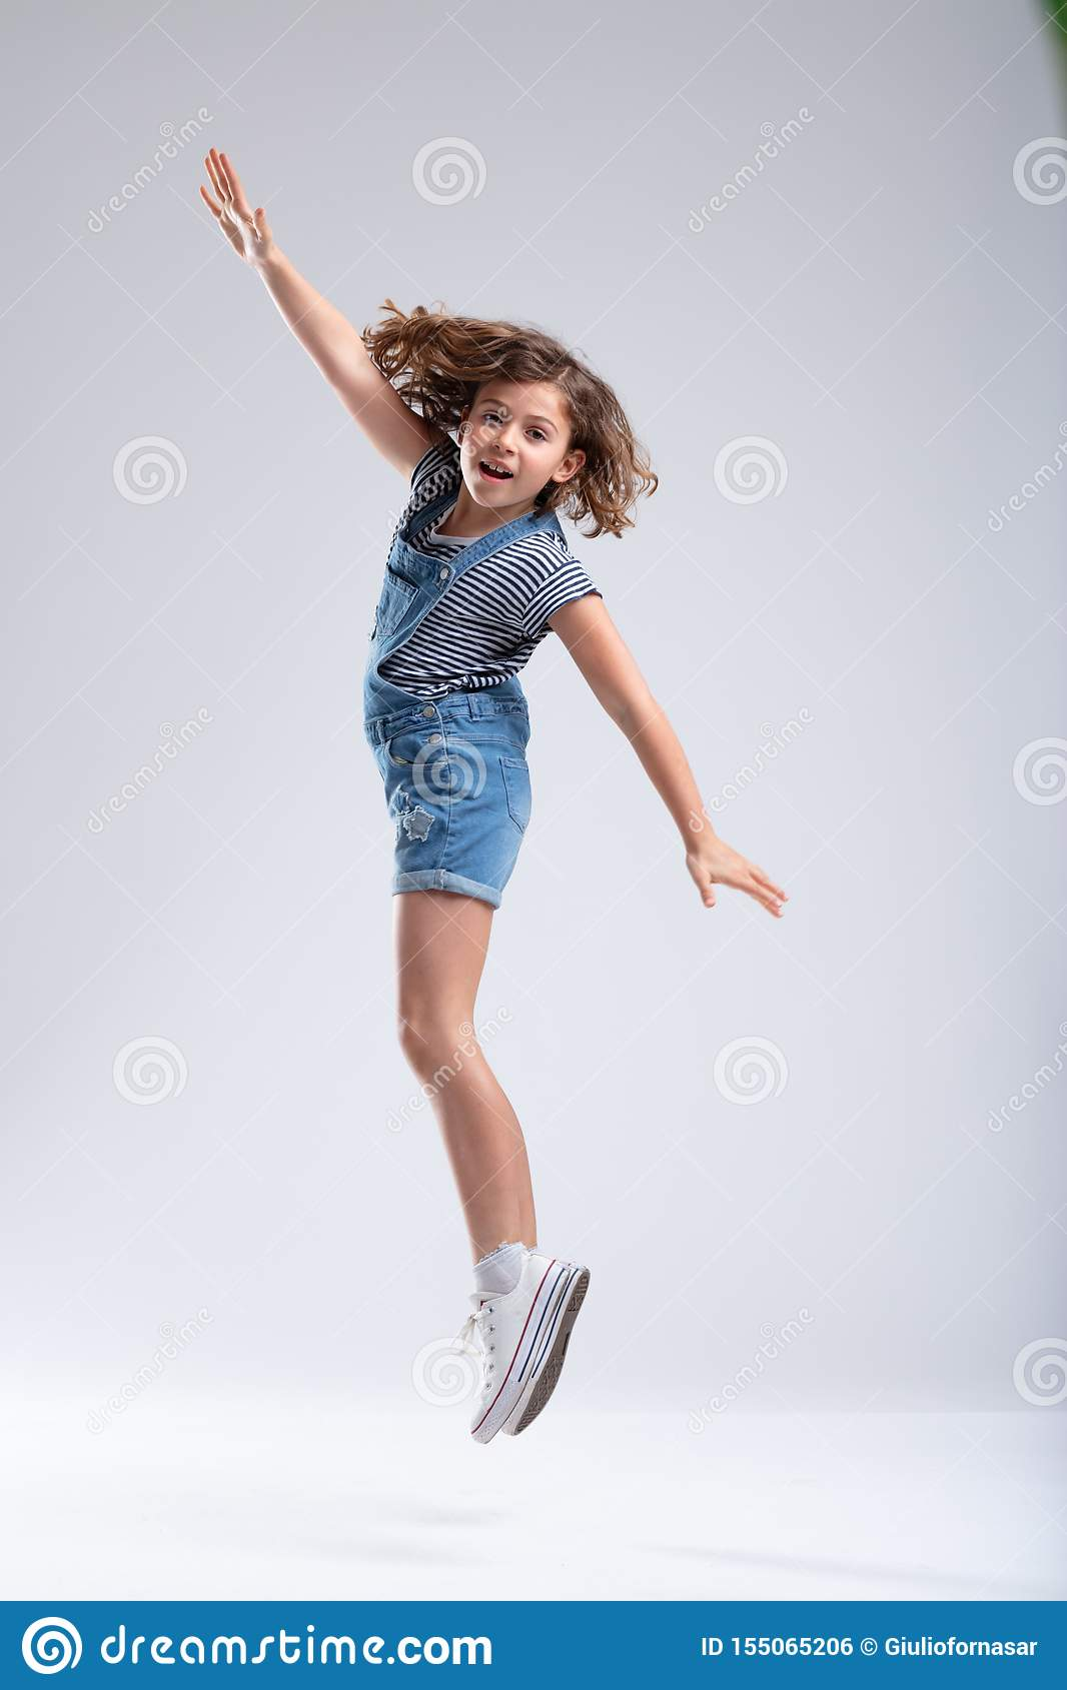 La chica joven que salta en el aire con los brazos extendidos